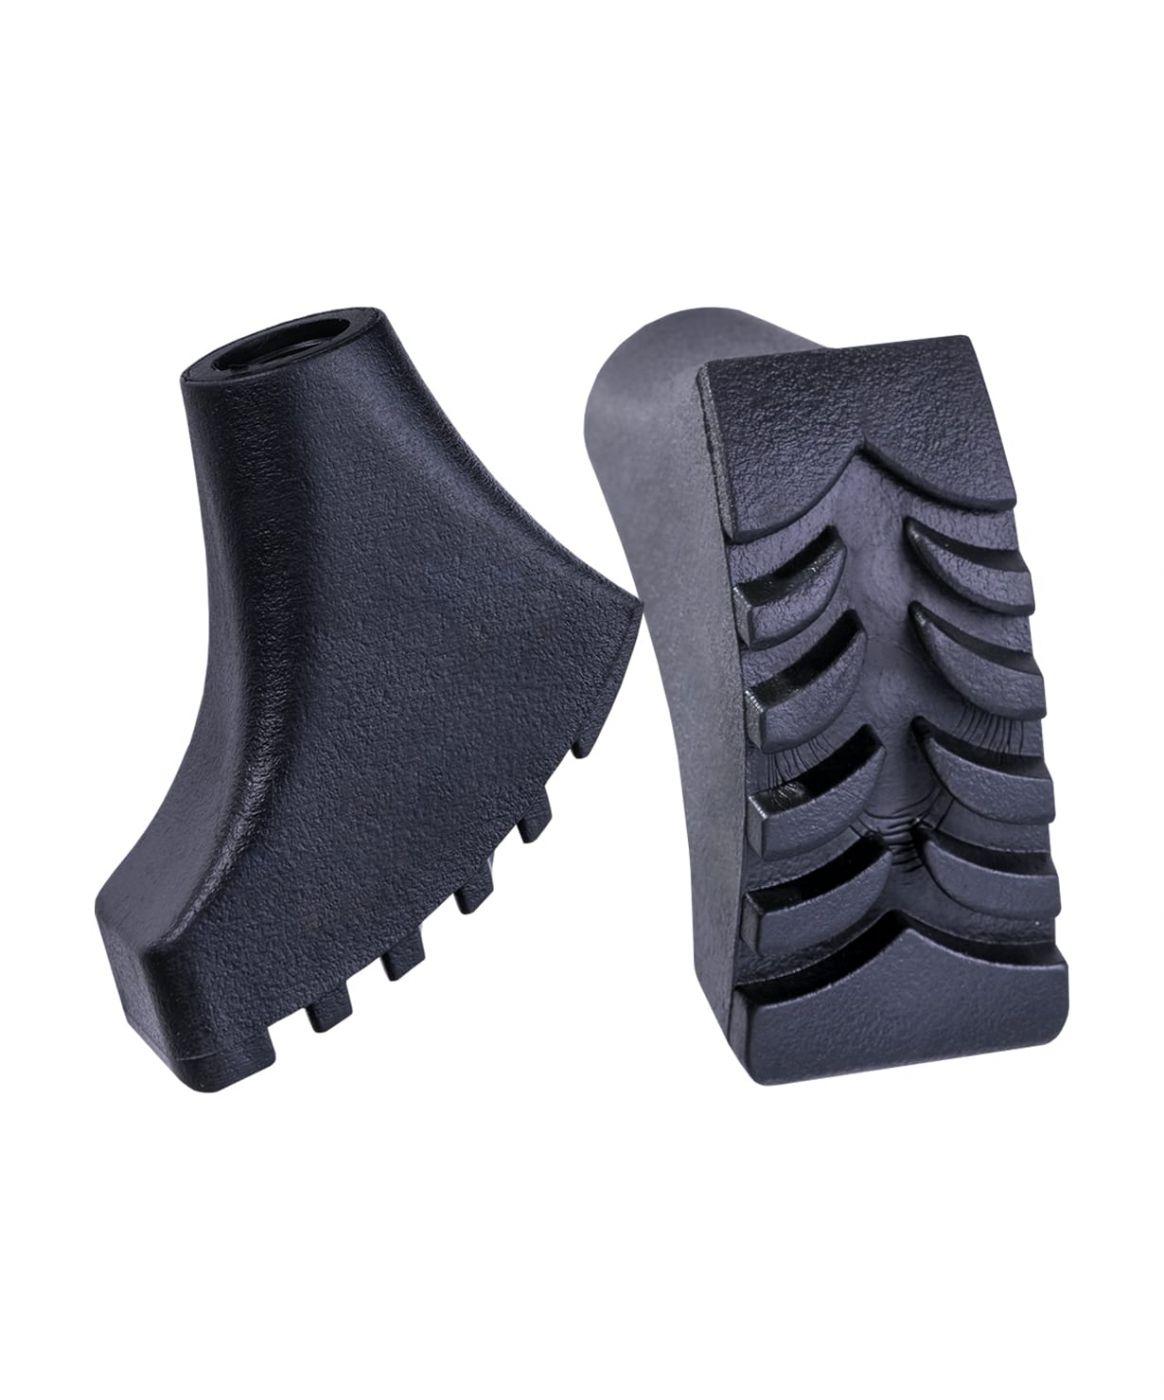 Комплект наконечников для скандинавских палок (черные)